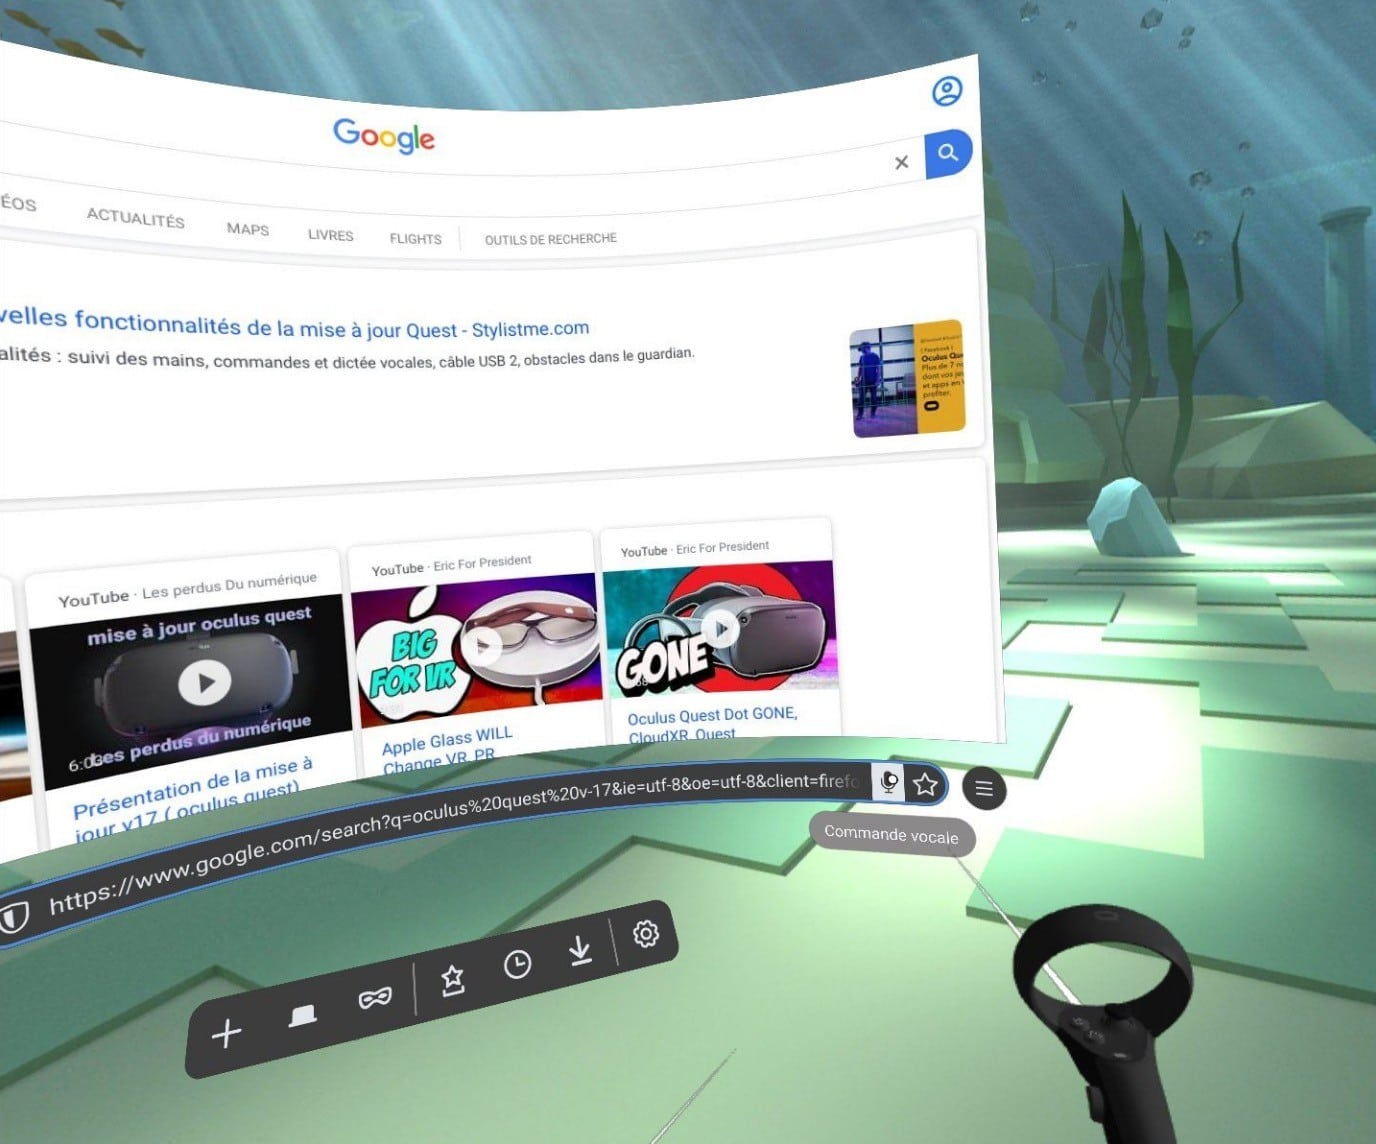 Commandes vocales Oculus Quest